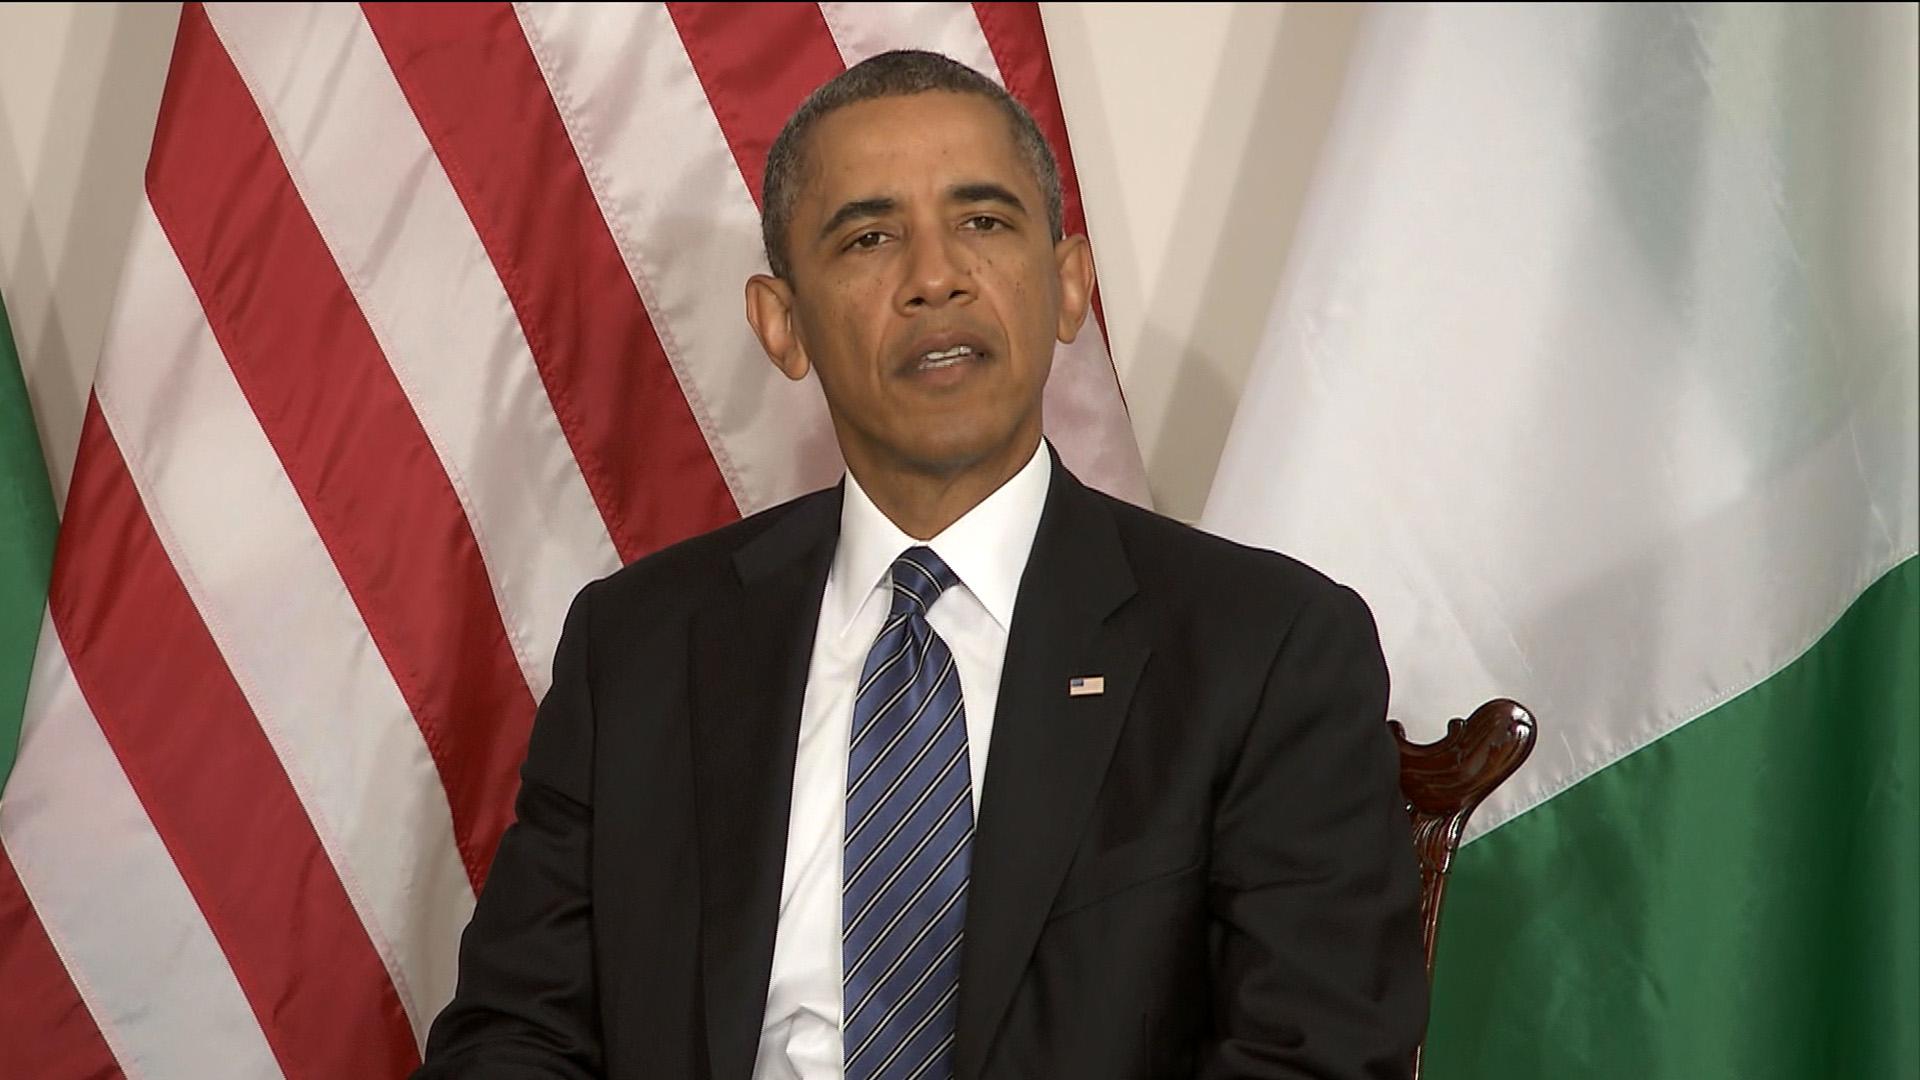 Obama vs Iran, Syria ahead of UN speech